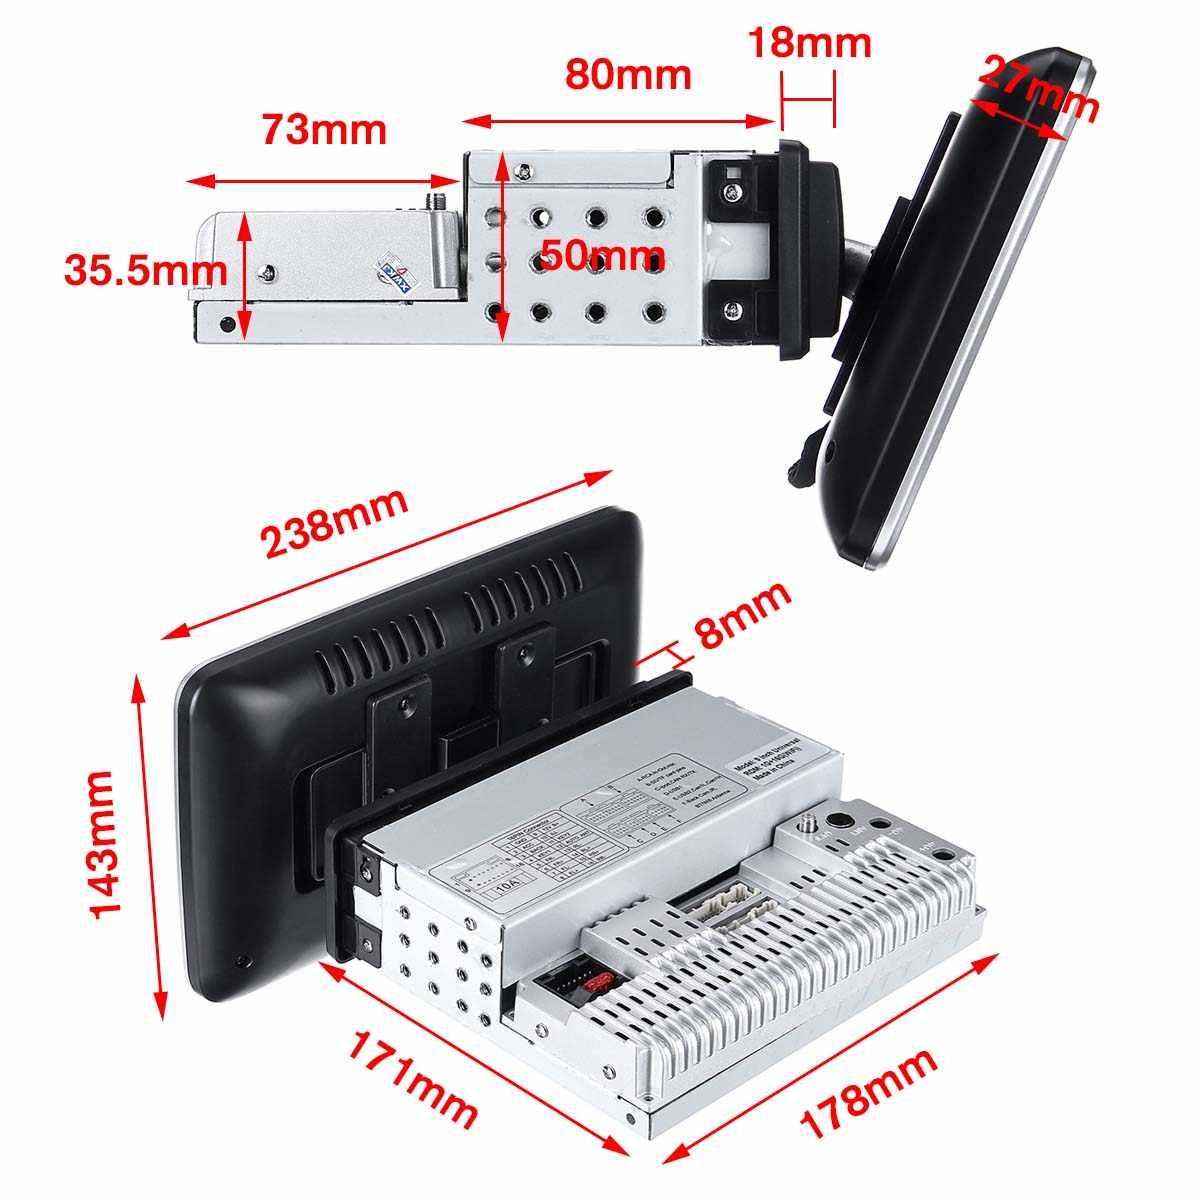 Jogador giratório dos multimédios do carro 16/32g 8 estéreo do núcleo para o andróide 8.0/8.1 com 360 graus acima para baixo da tela jogador de rádio de gps wifi